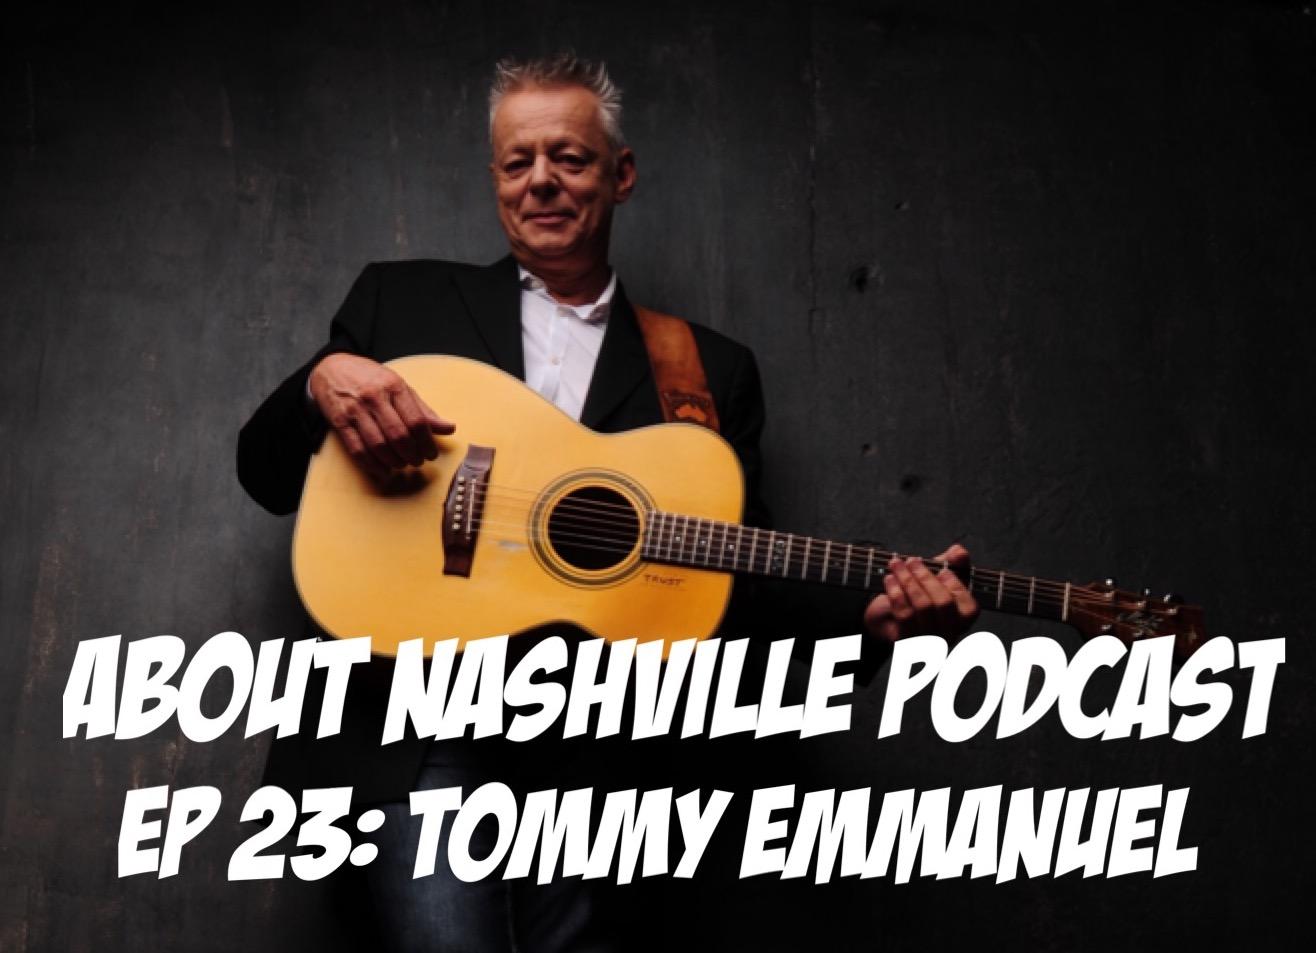 Ep 23: Tommy Emmanuel